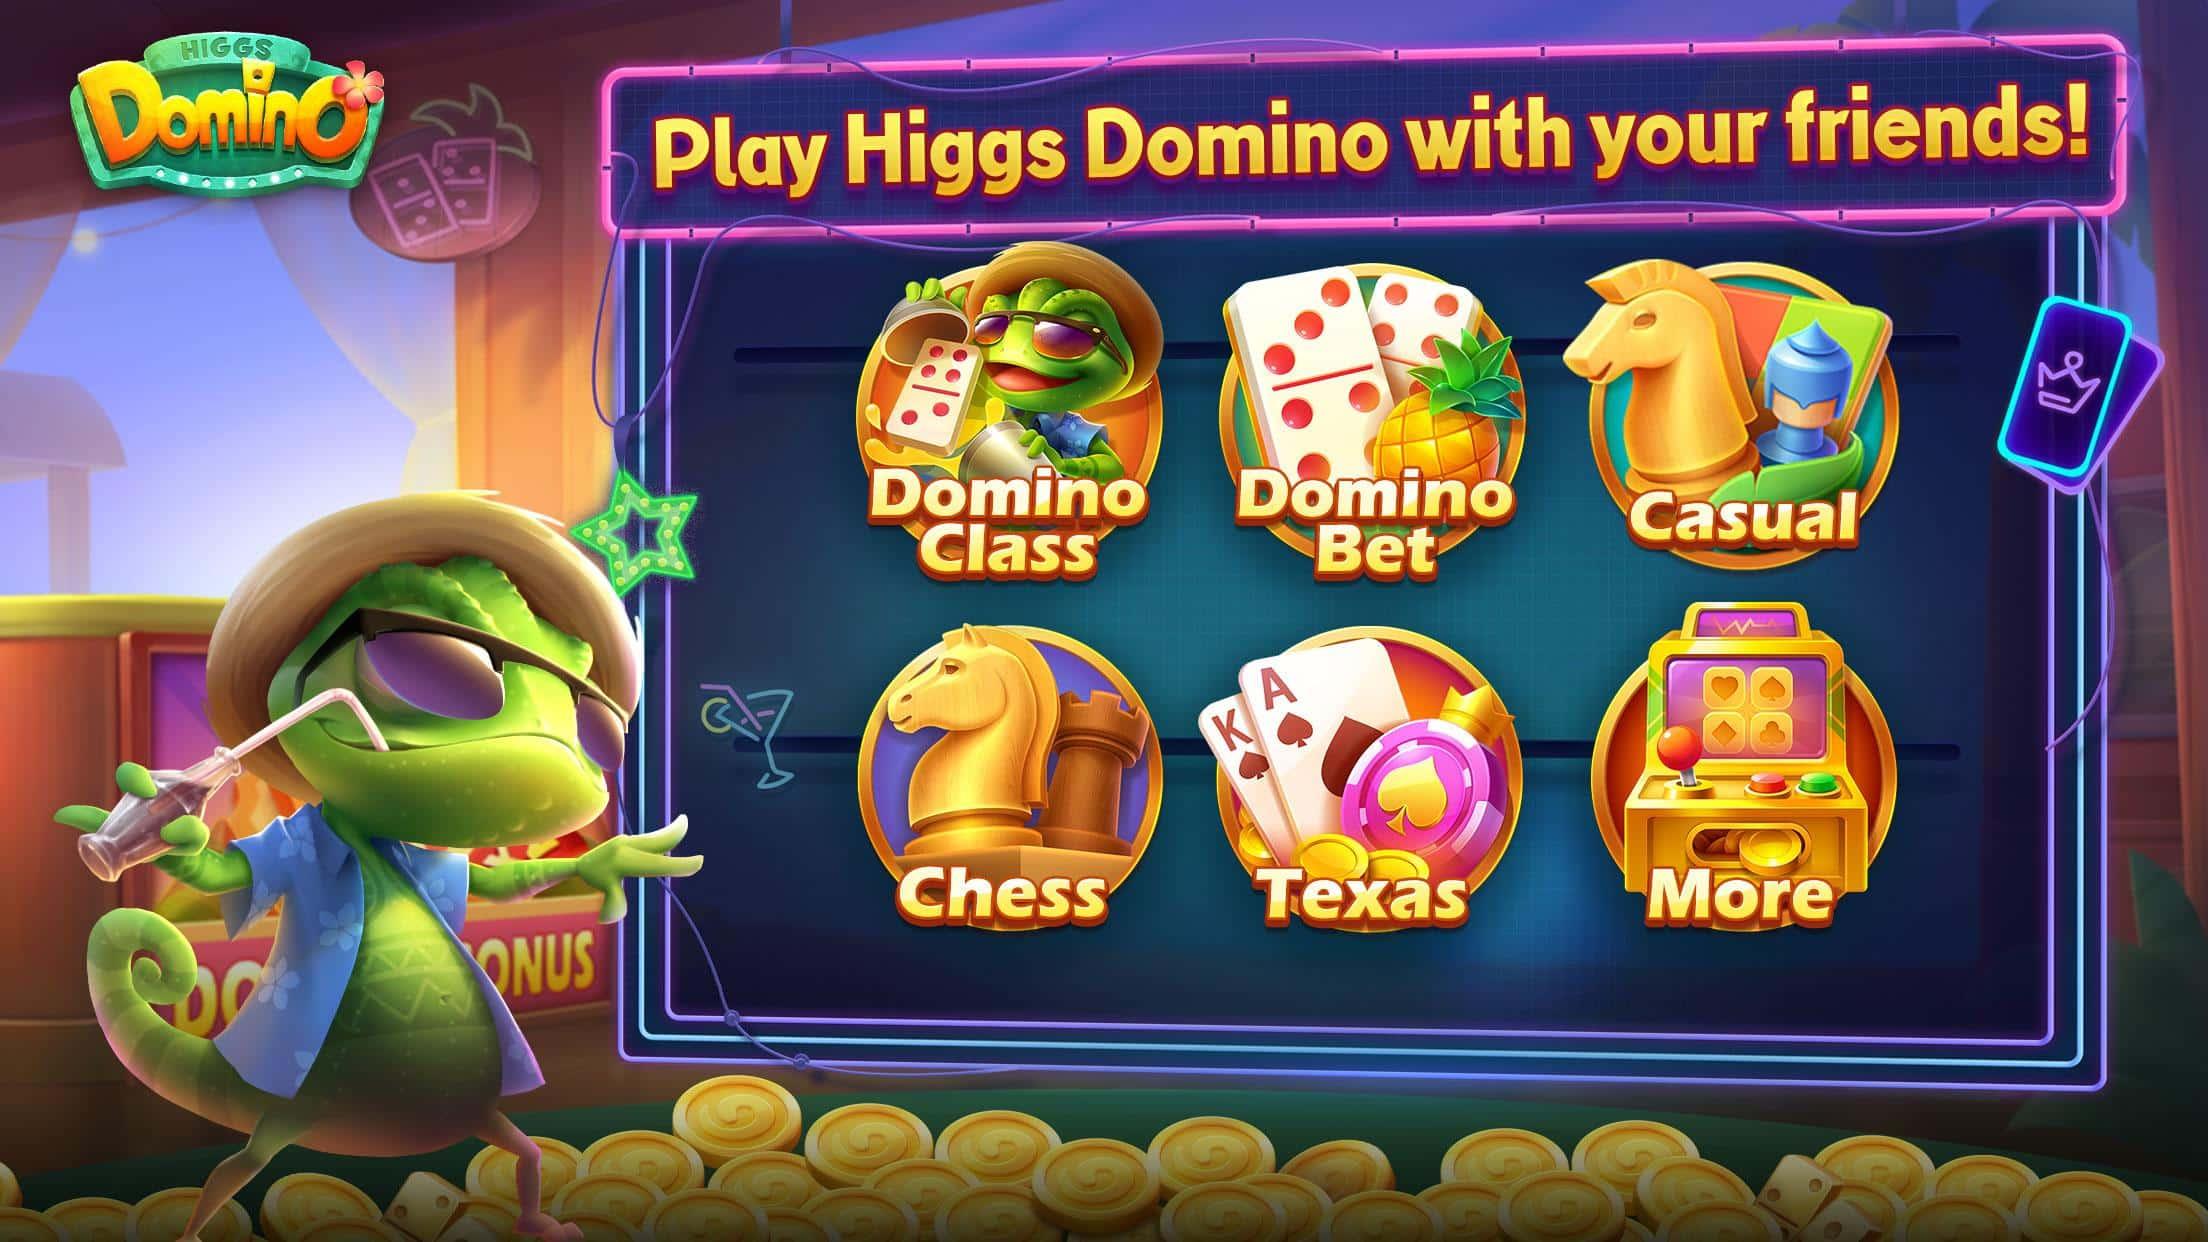 Invite-Teman-yang-Belum-Memiliki-Akun-Higgs-Domino